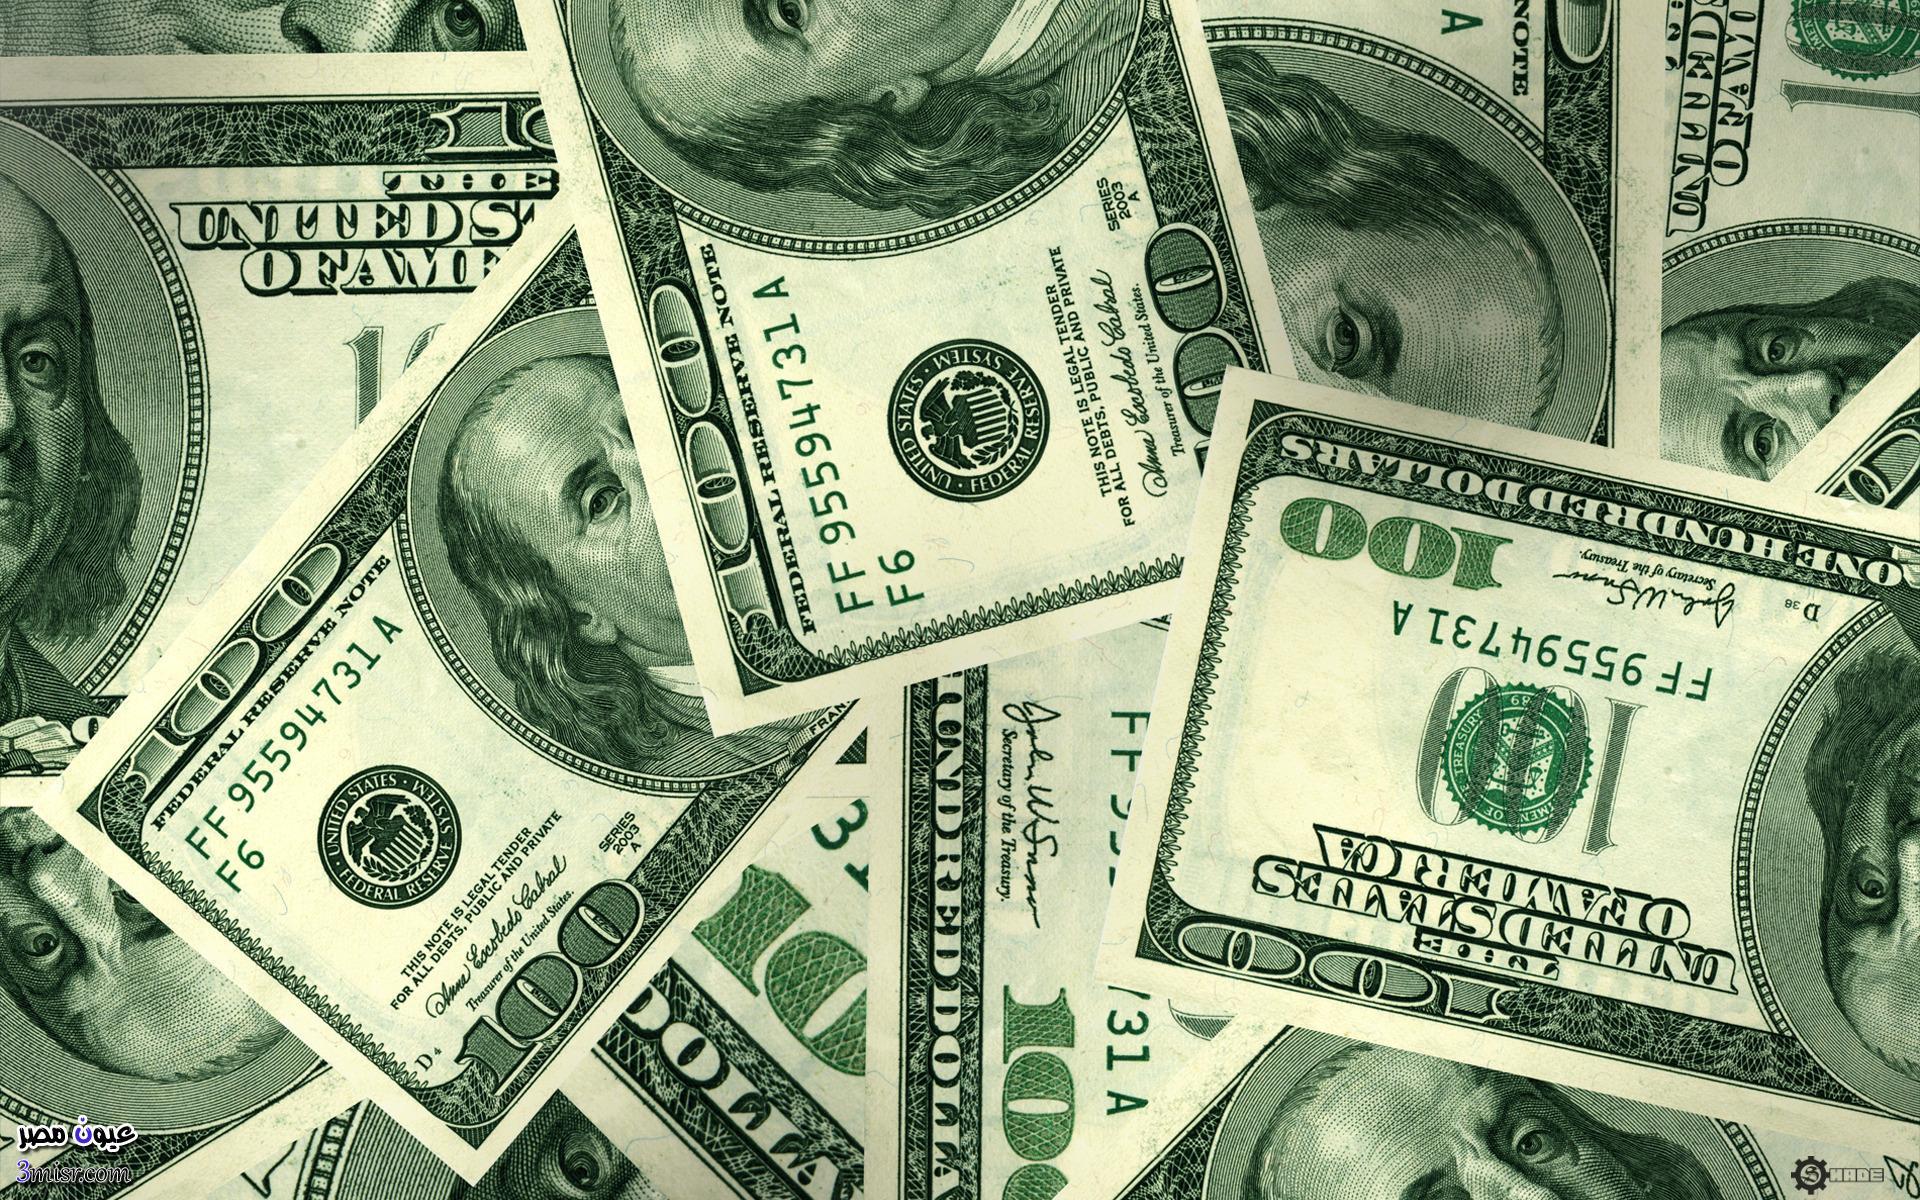 سعر الدولار اليوم فى البنك التجاري الدولي 13-11-2016